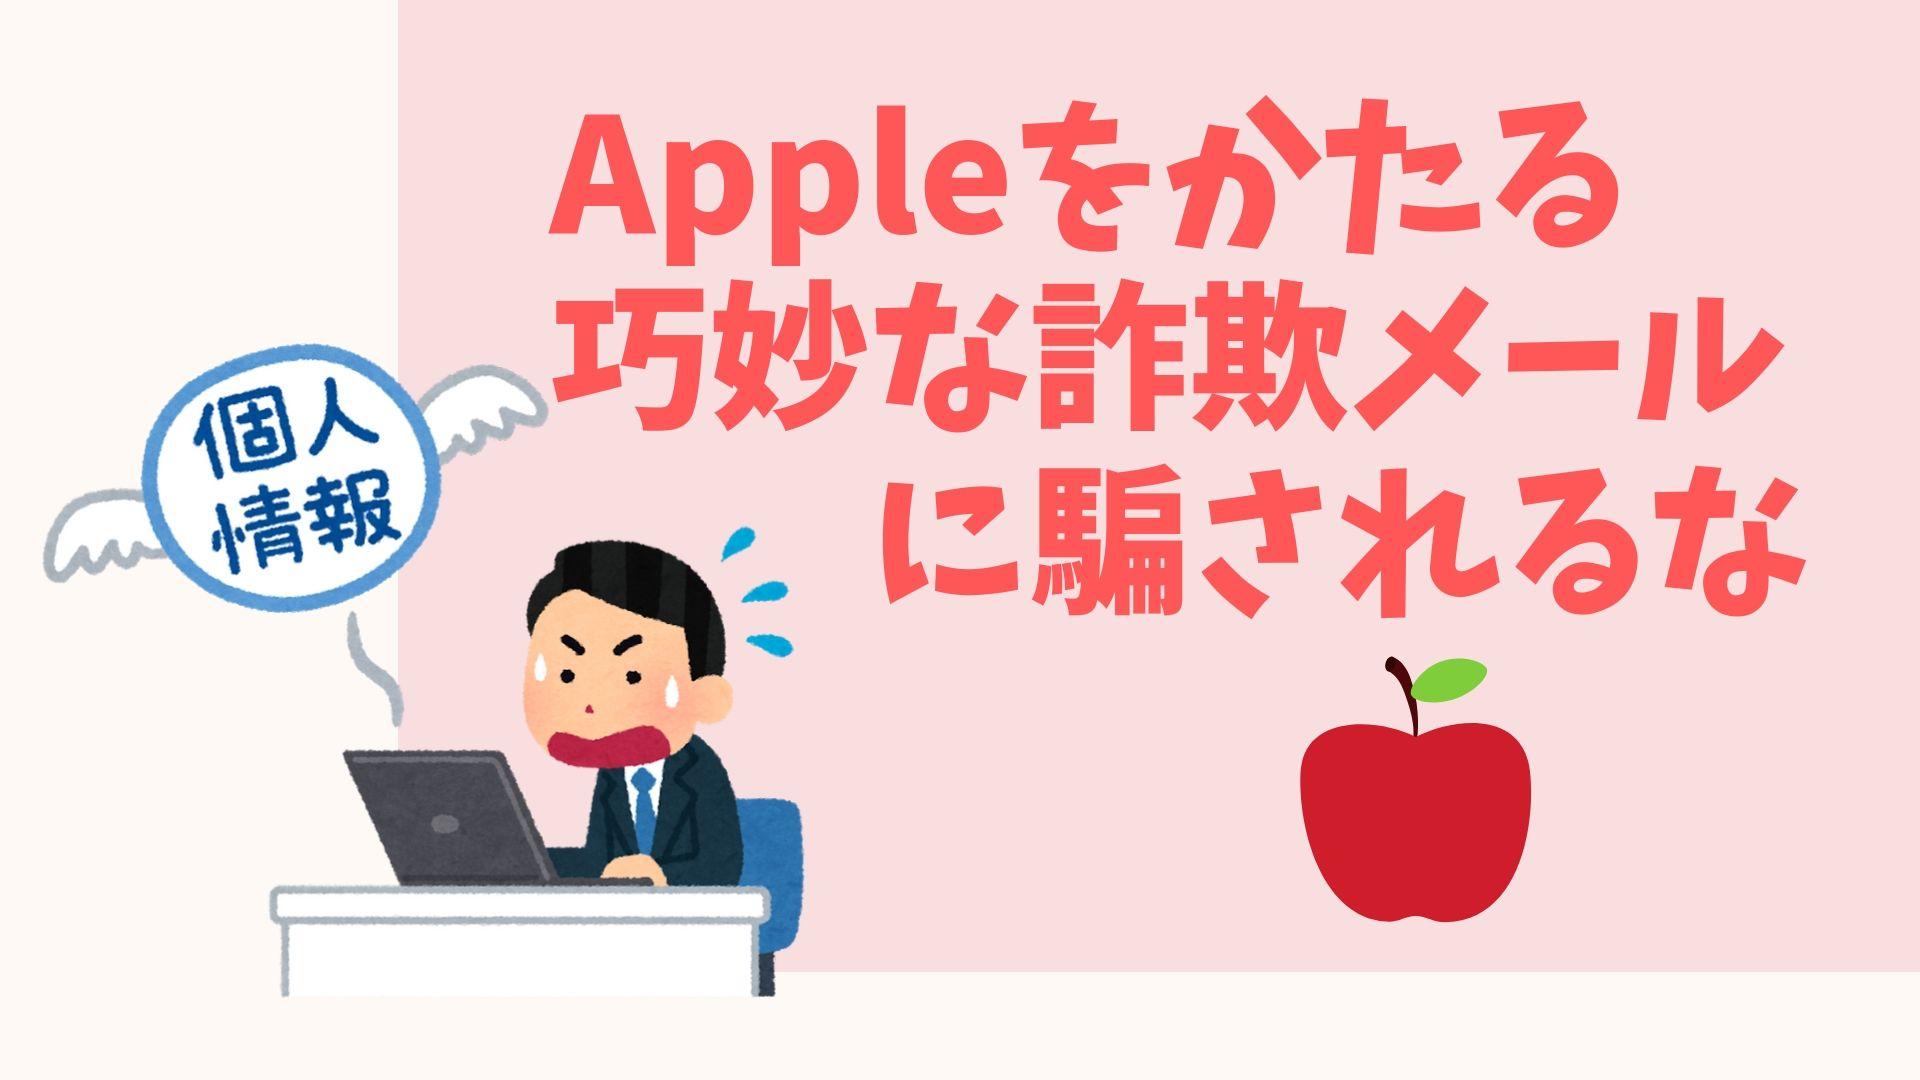 16913ee5e21e4696ef2b02678a6a9618 - 【あなたのApple IDはロックされています】Appleをかたる詐欺メールに注意!個人情報の入力は絶対ダメ!